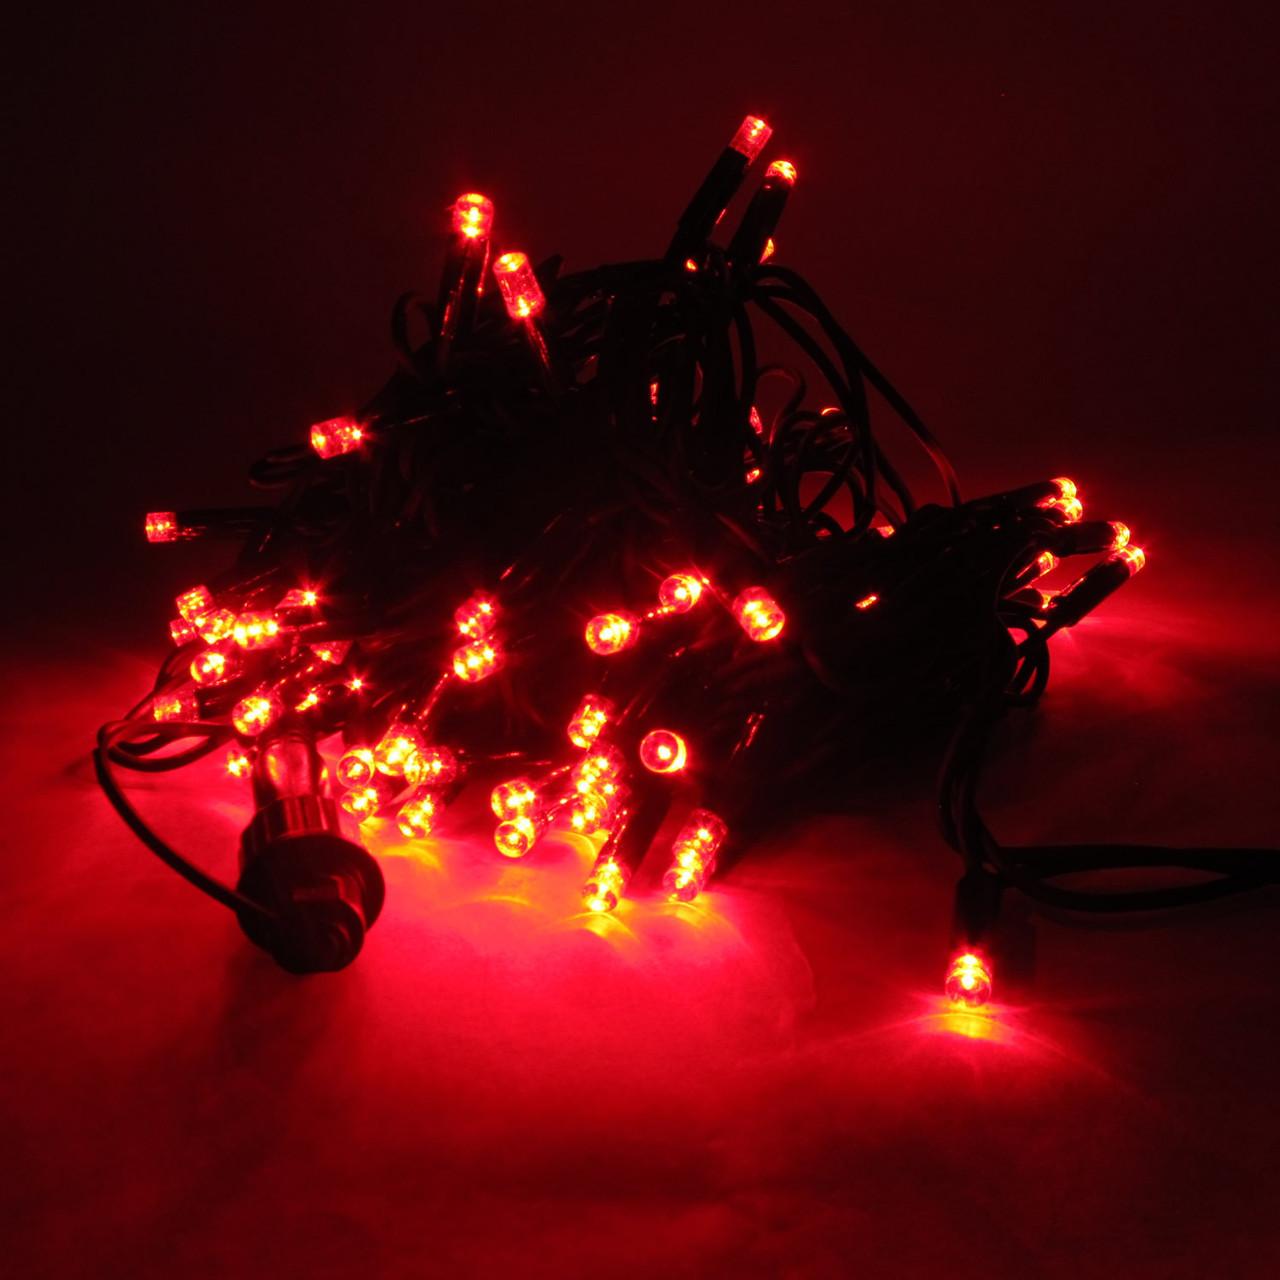 Гирлянда уличная светодиодная нить, 10 м - цвет красный, черный провод для украшений фасада